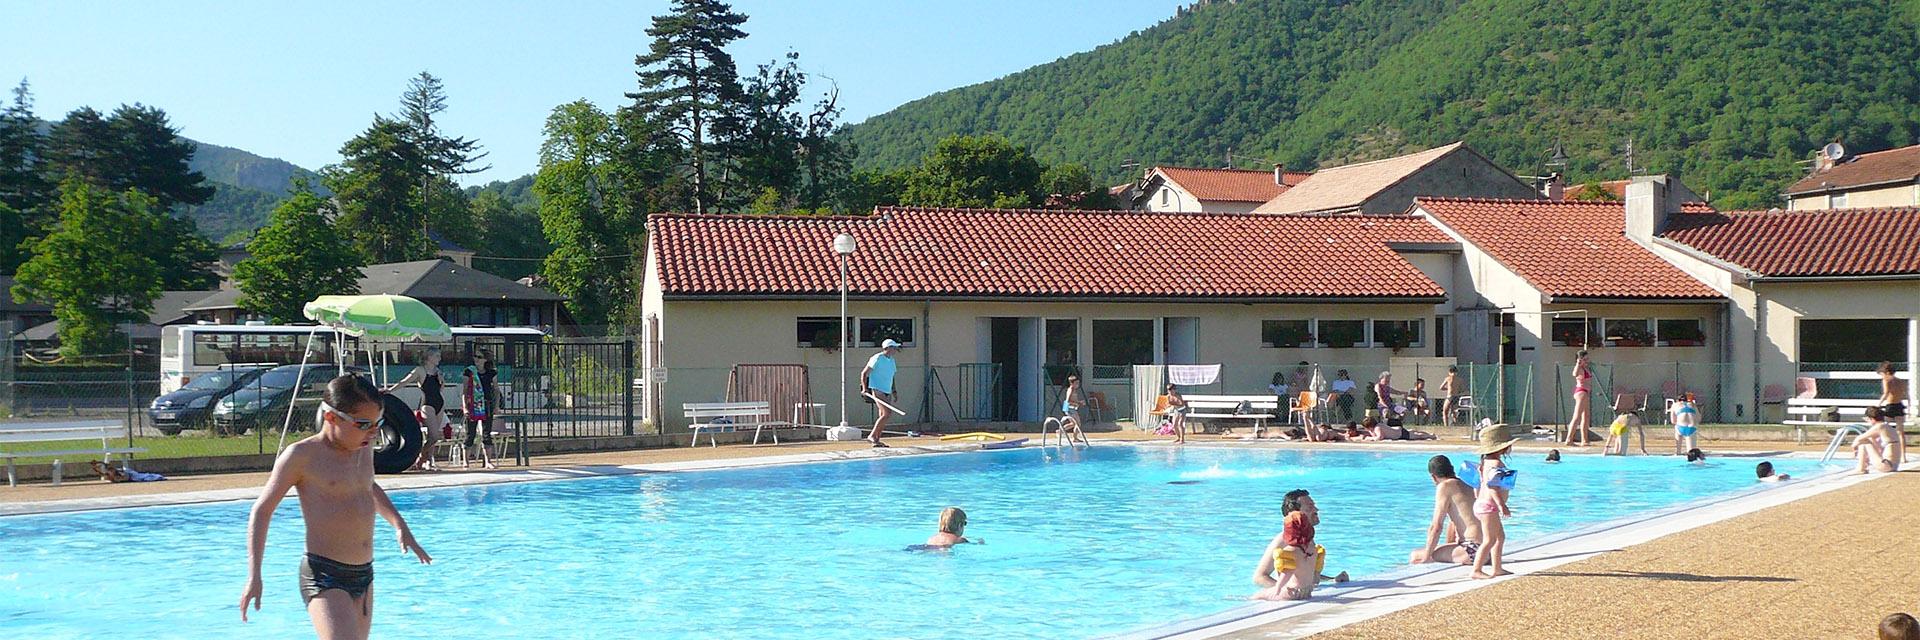 Village_club_vacances_aveyron-cantal-et-ardèche-domaine-de-roc-nantais-piscine